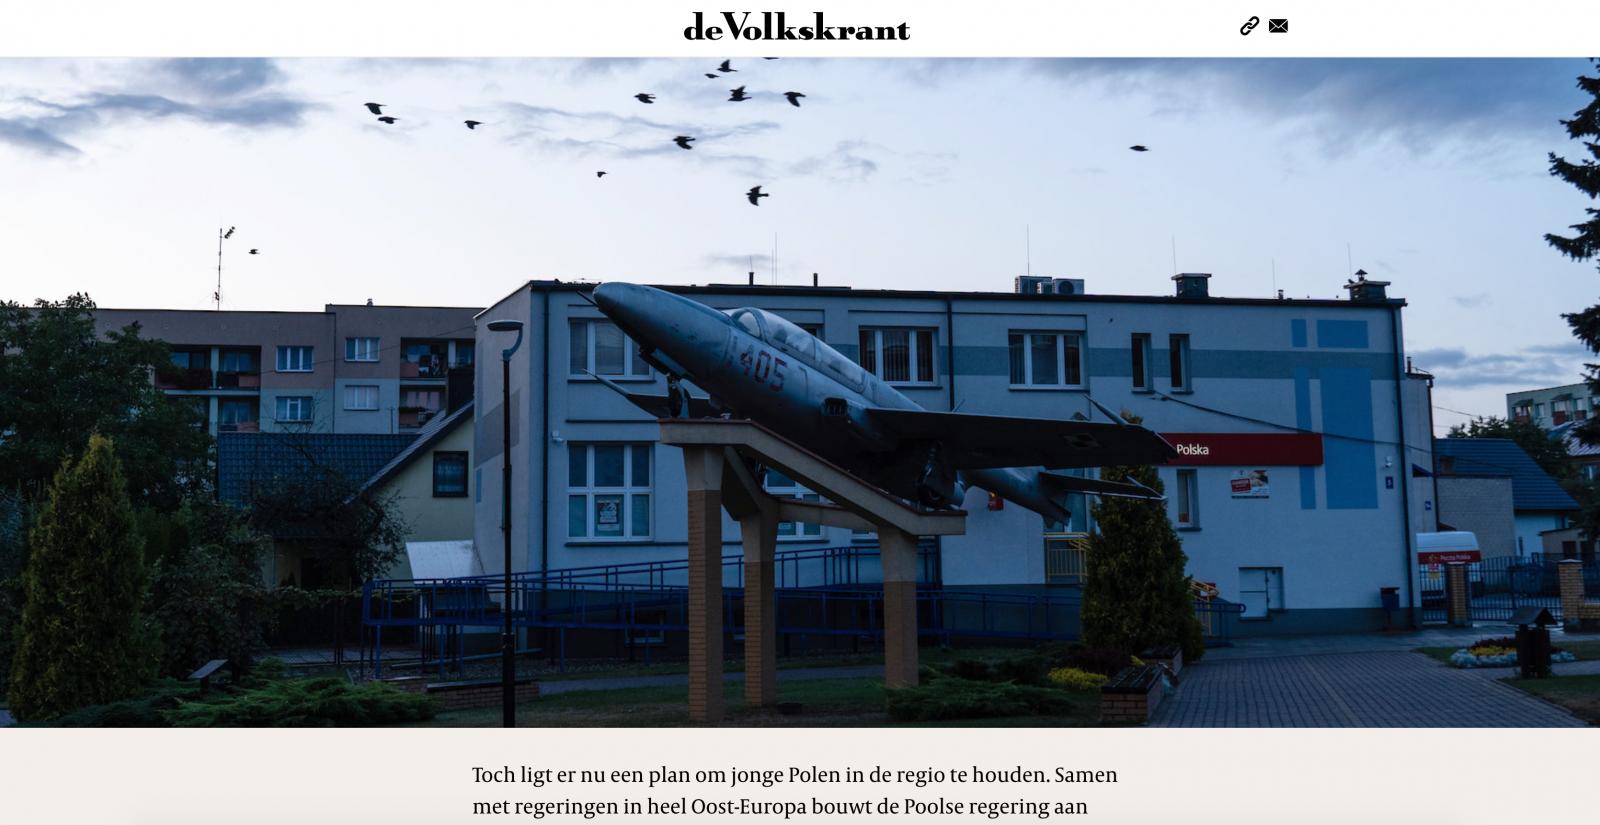 Photography image - Loading Zrzut_ekranu_2019-10-11_o_13.20.37.png